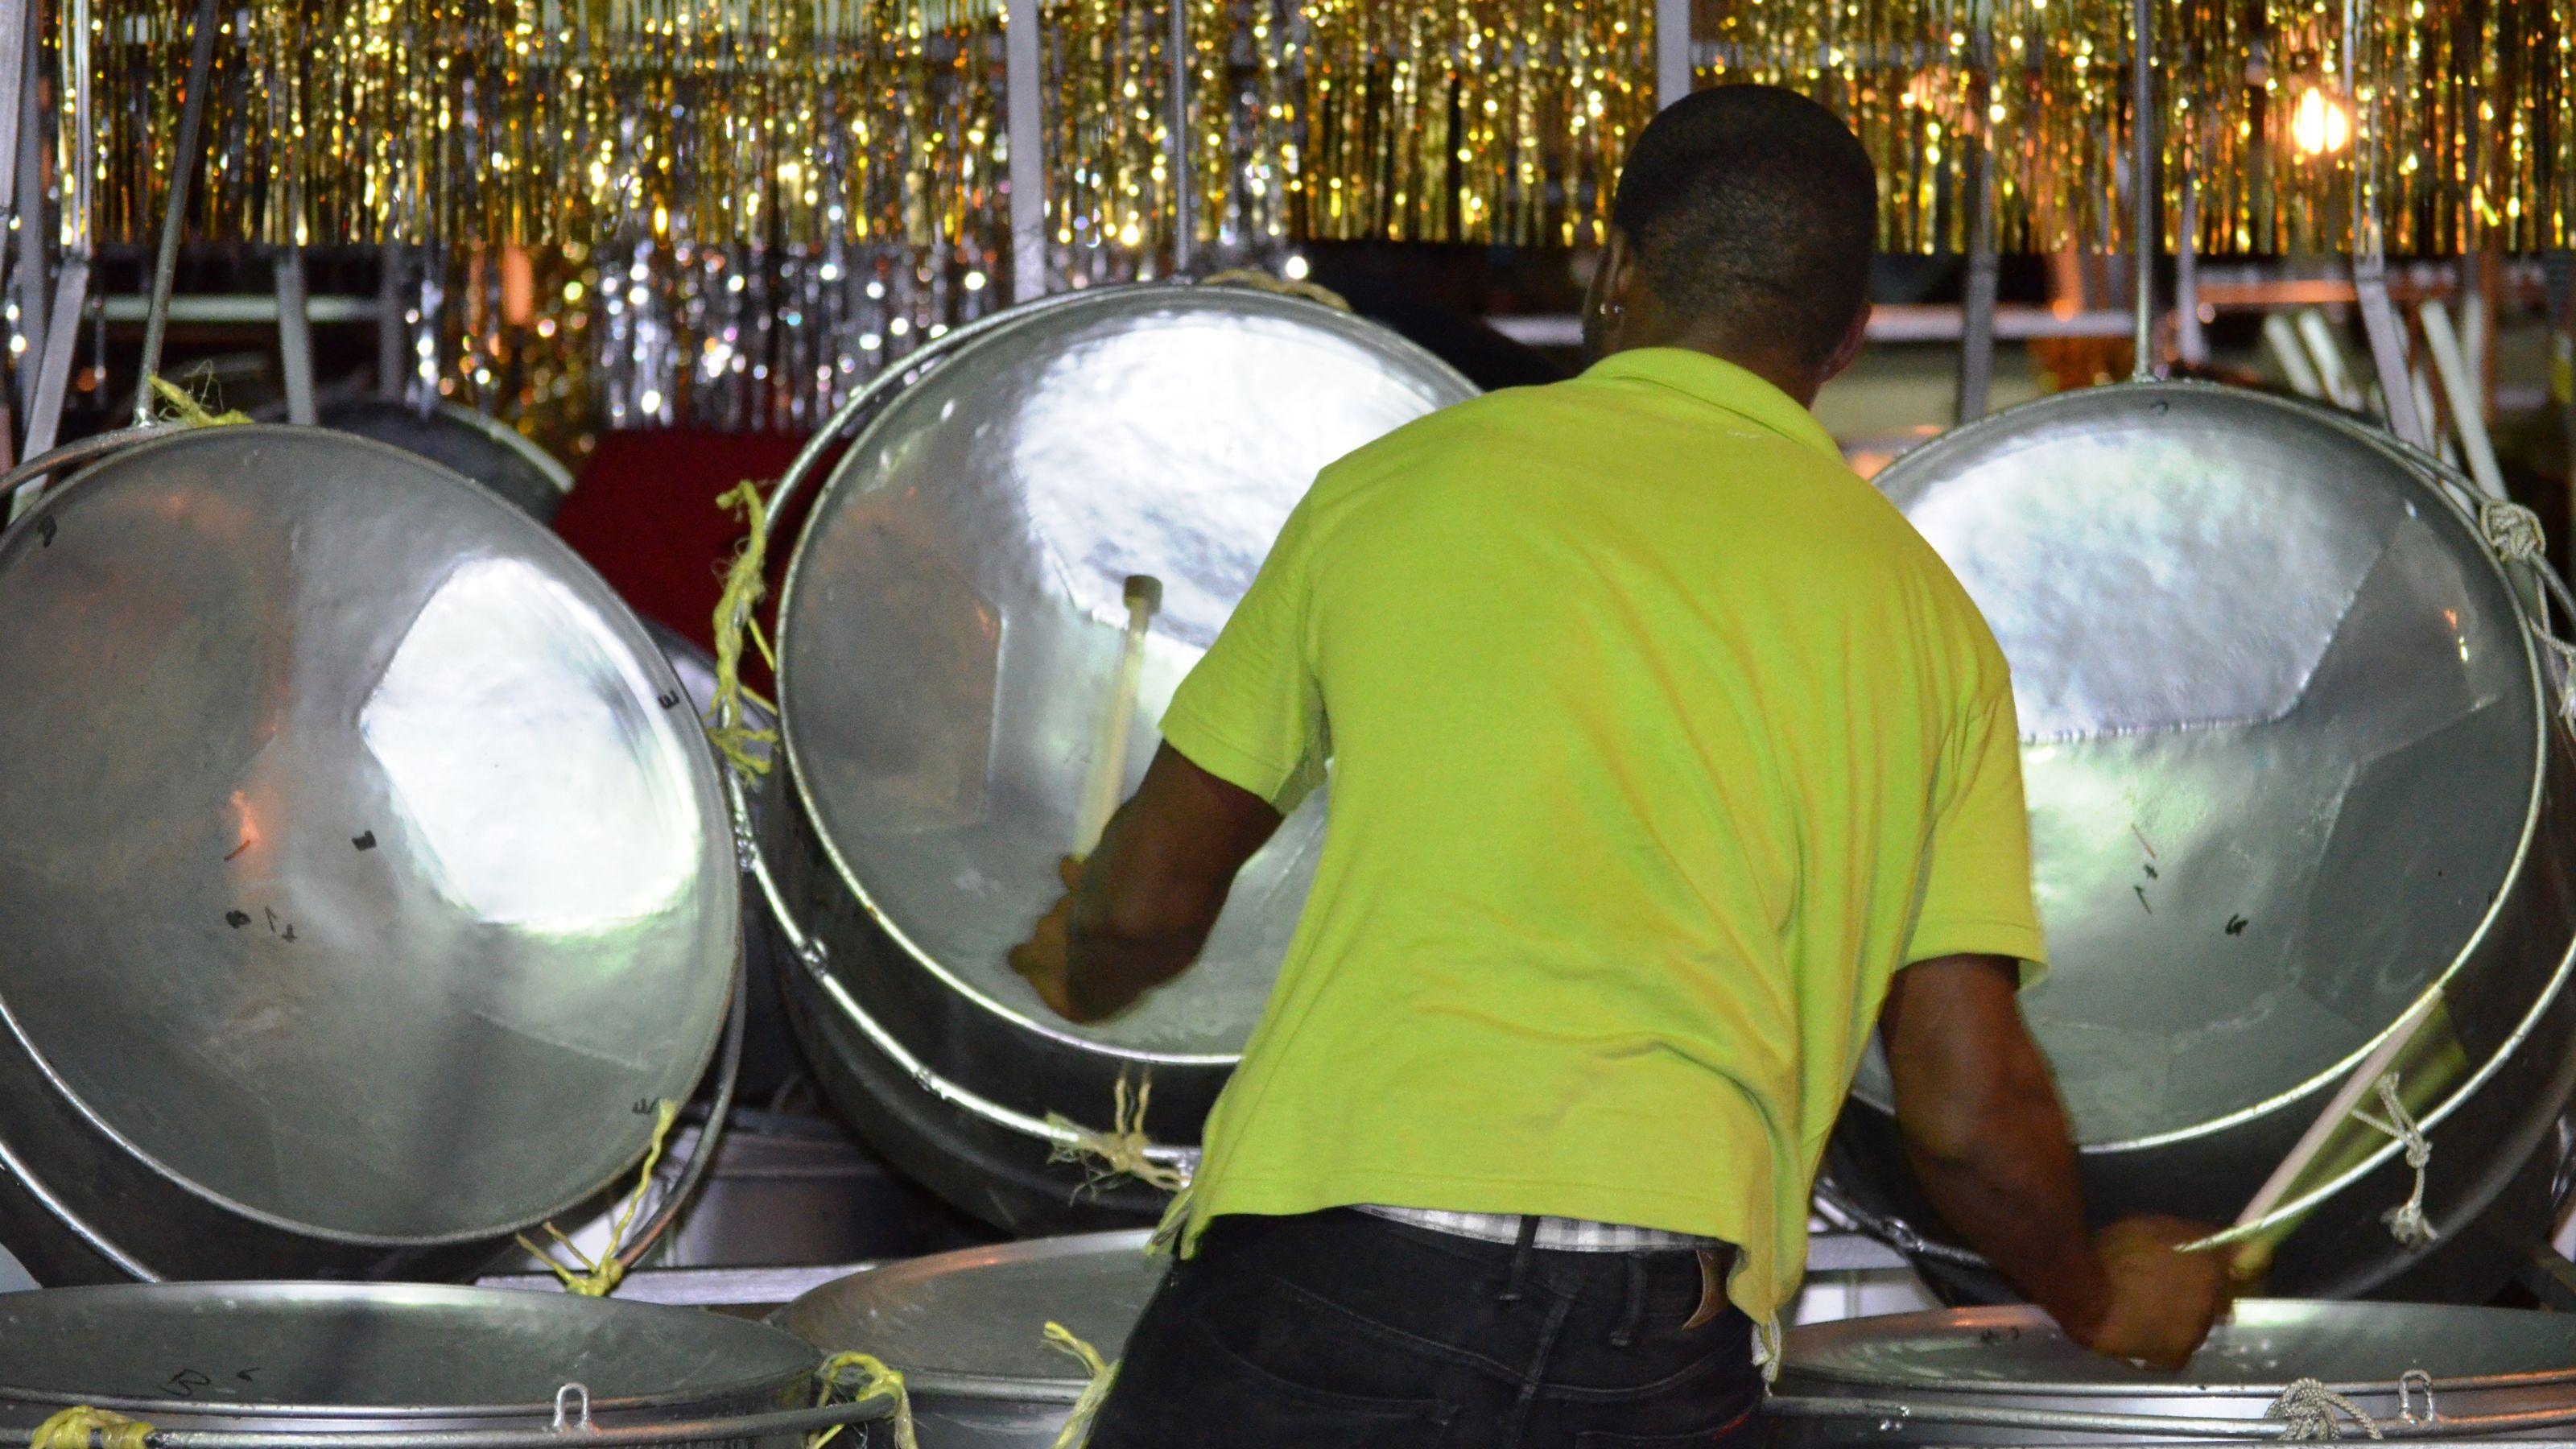 Steel Drums & Port of Spain Nightlife